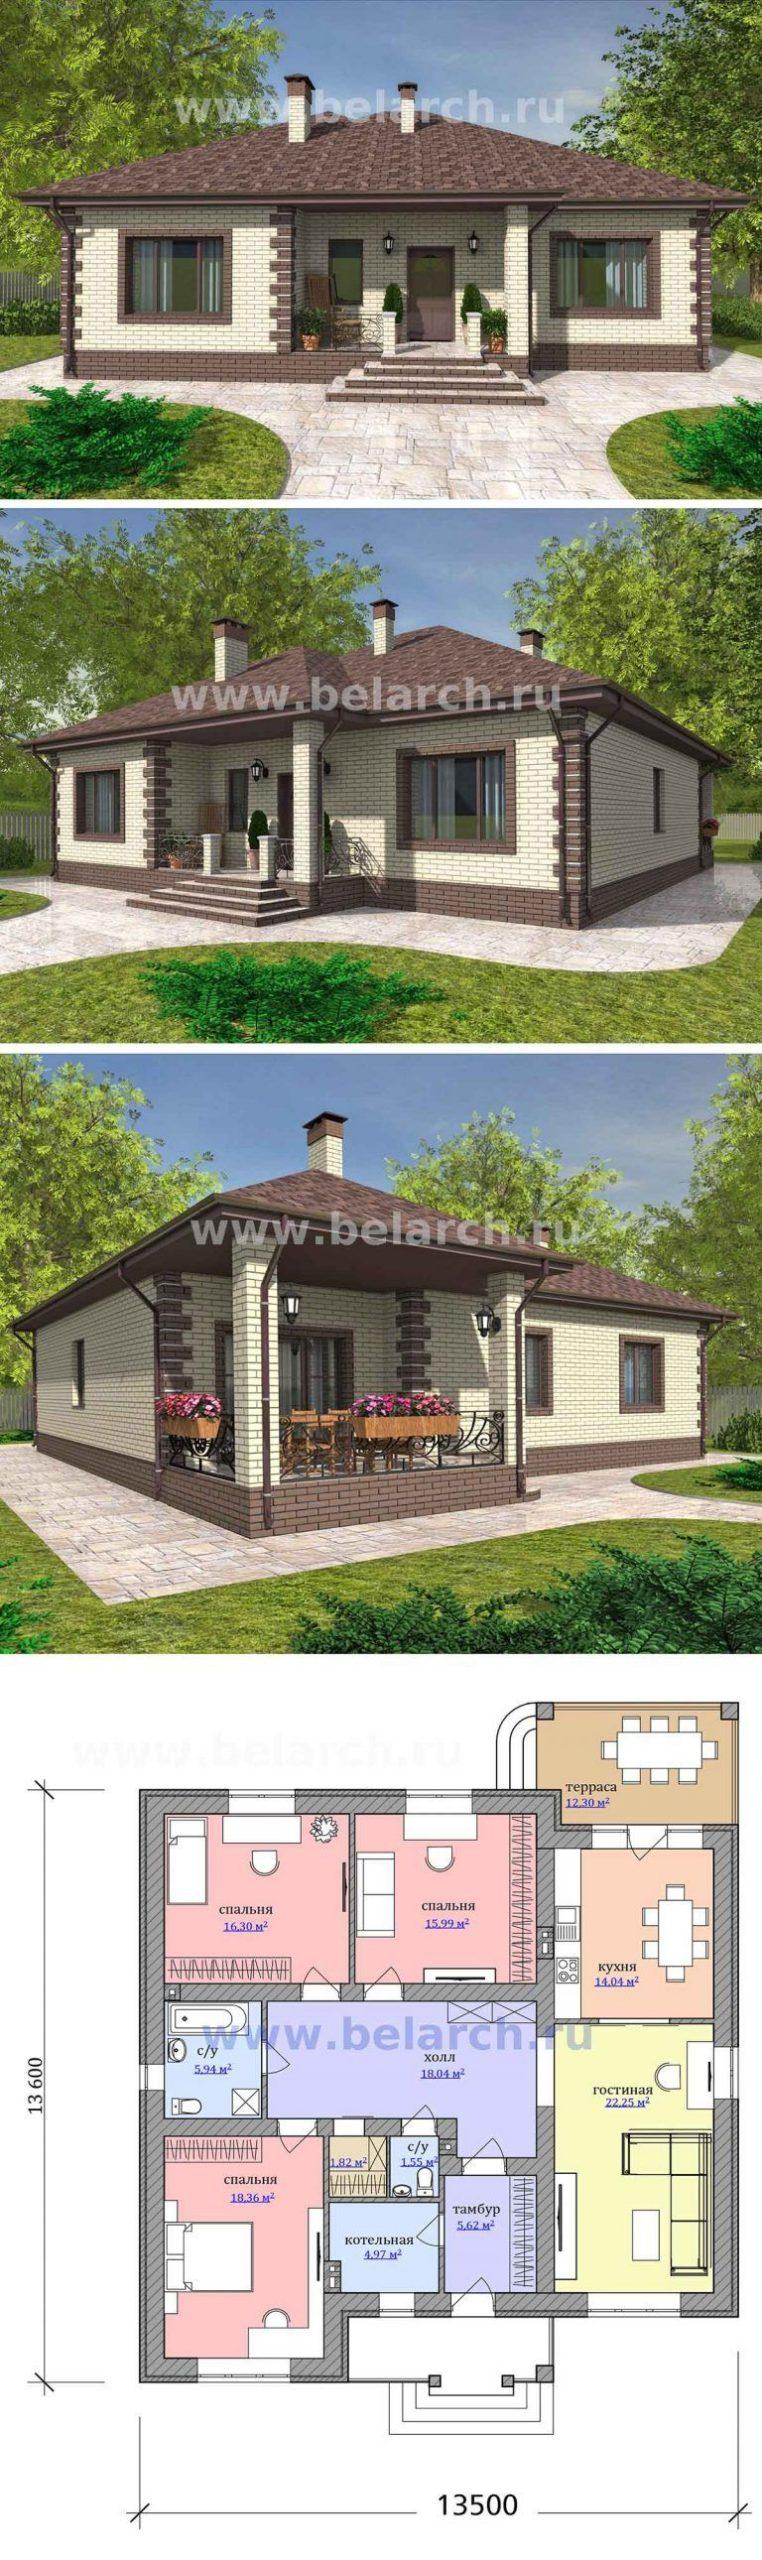 76 En Iyi Prefabrik Ev Görüntüsü, 2020 | Evler, Tasarım ... tout Chalet Bois 10M2